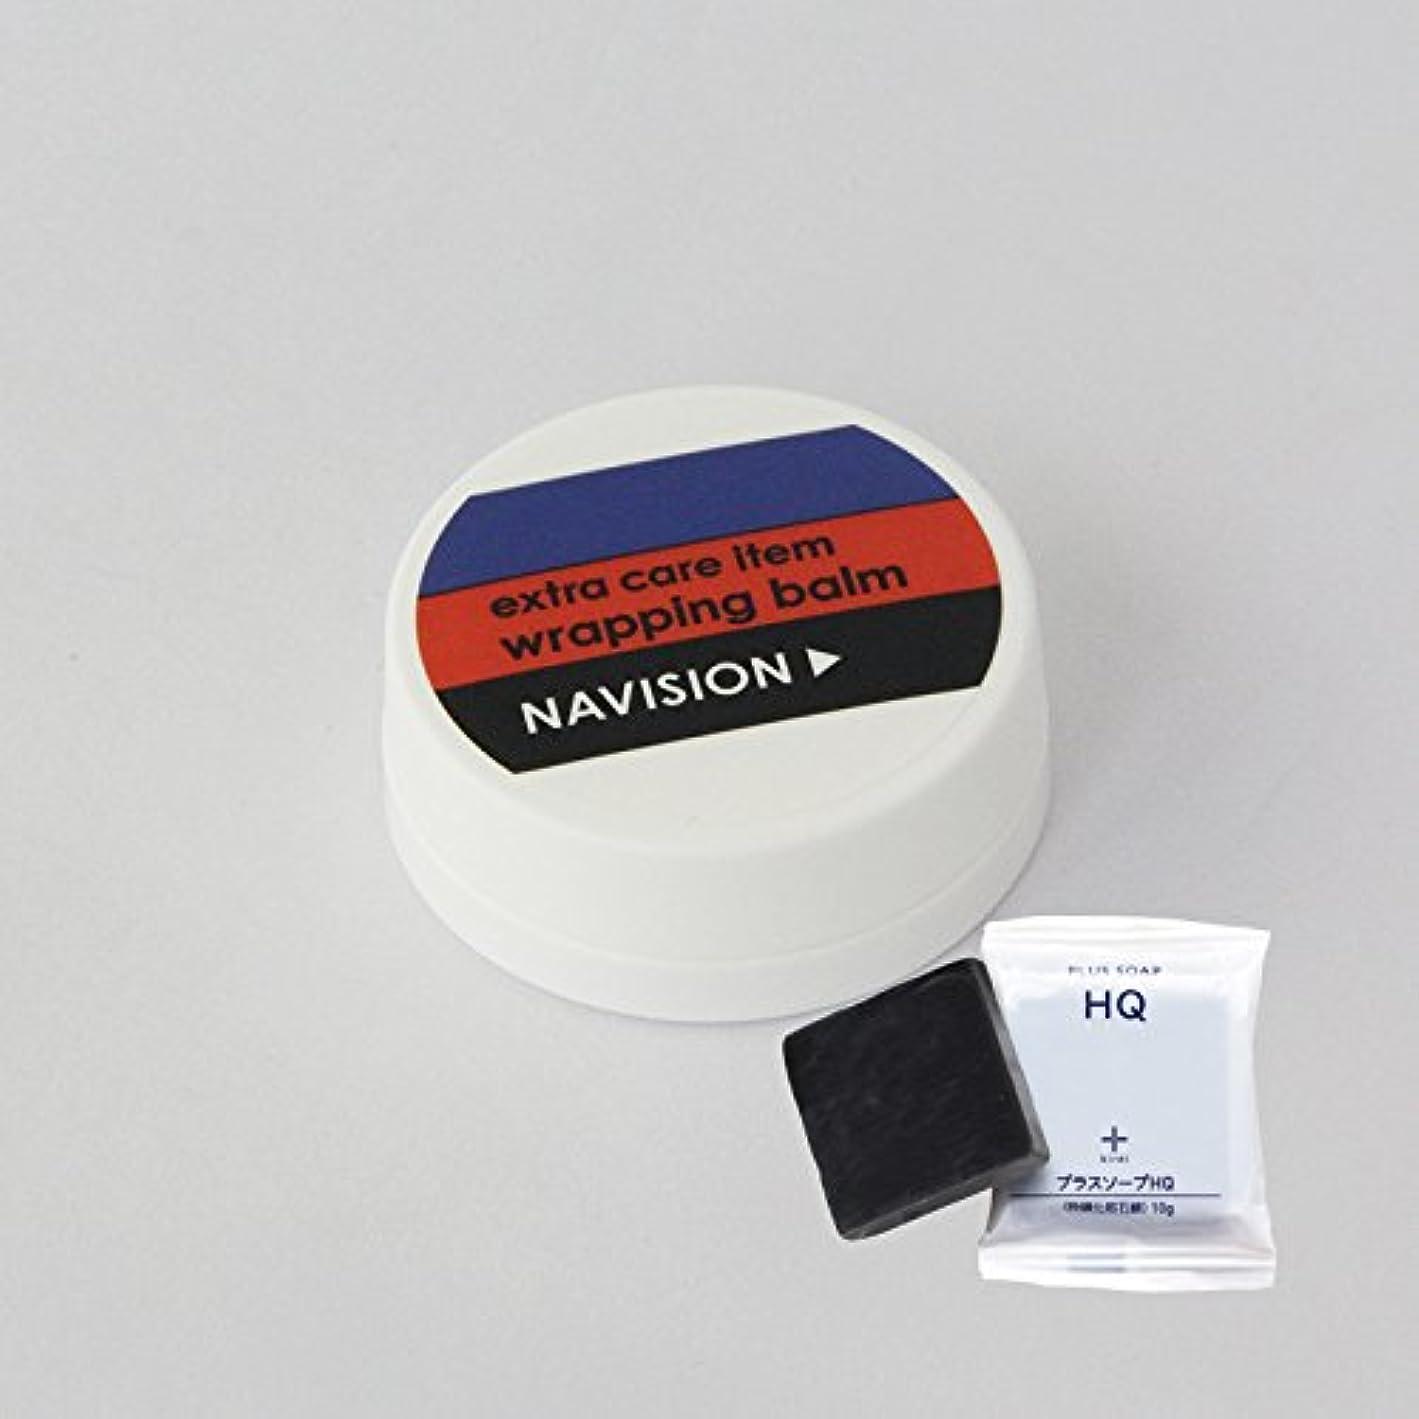 魅惑する恥ずかしさ賞賛ナビジョン NAVISION ラッピングバーム 5g + プラスキレイ プラスソープHQミニ